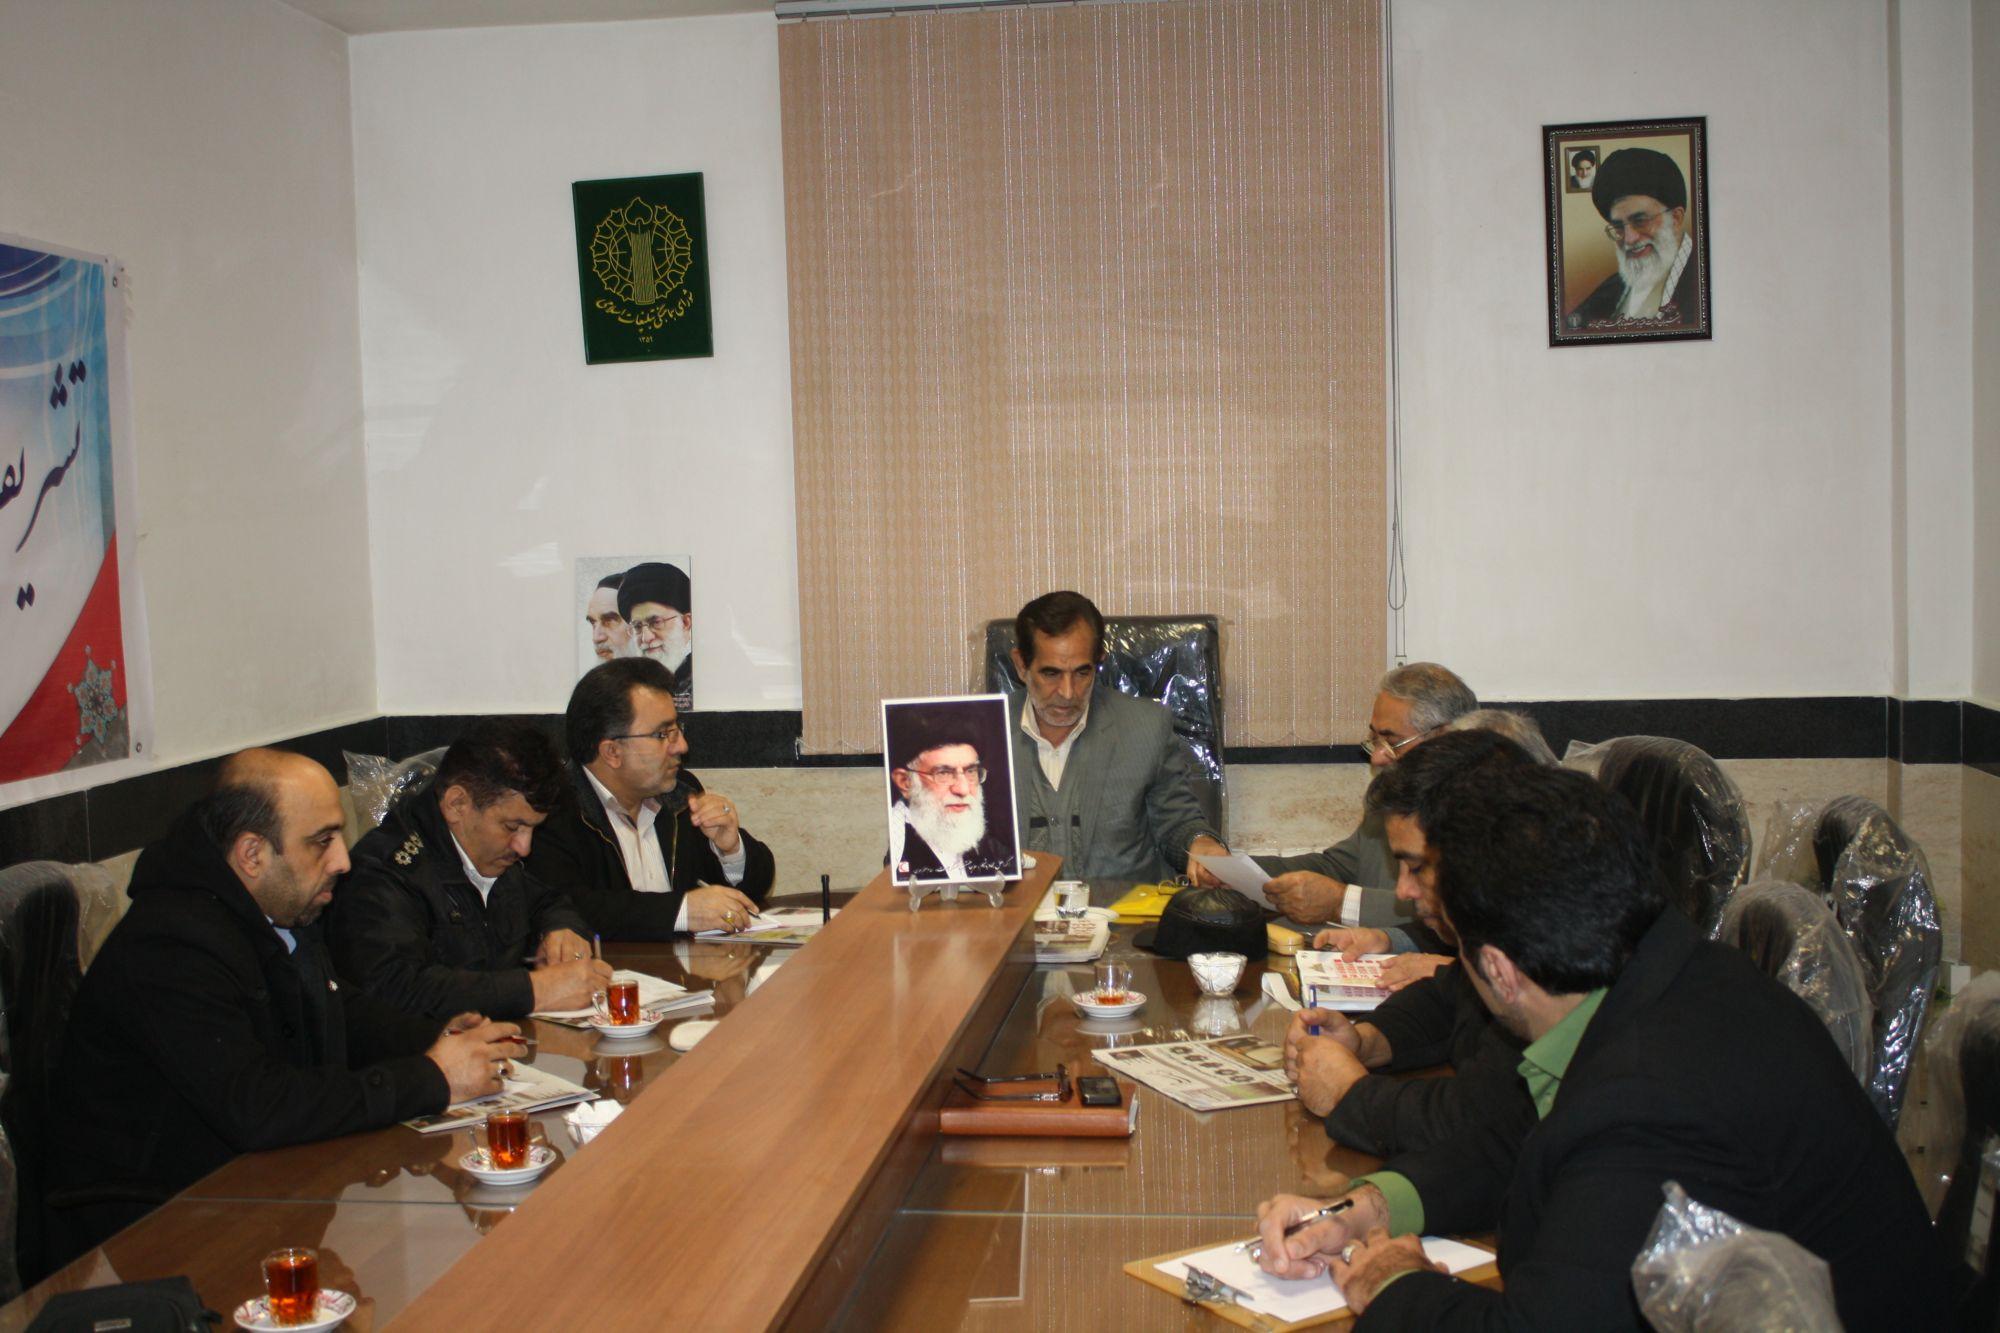 جلسه کمیته کاروان نمادین ورود حضرت امام خمینی ره شهرستان ورامین تشکیل شد+تصاویر